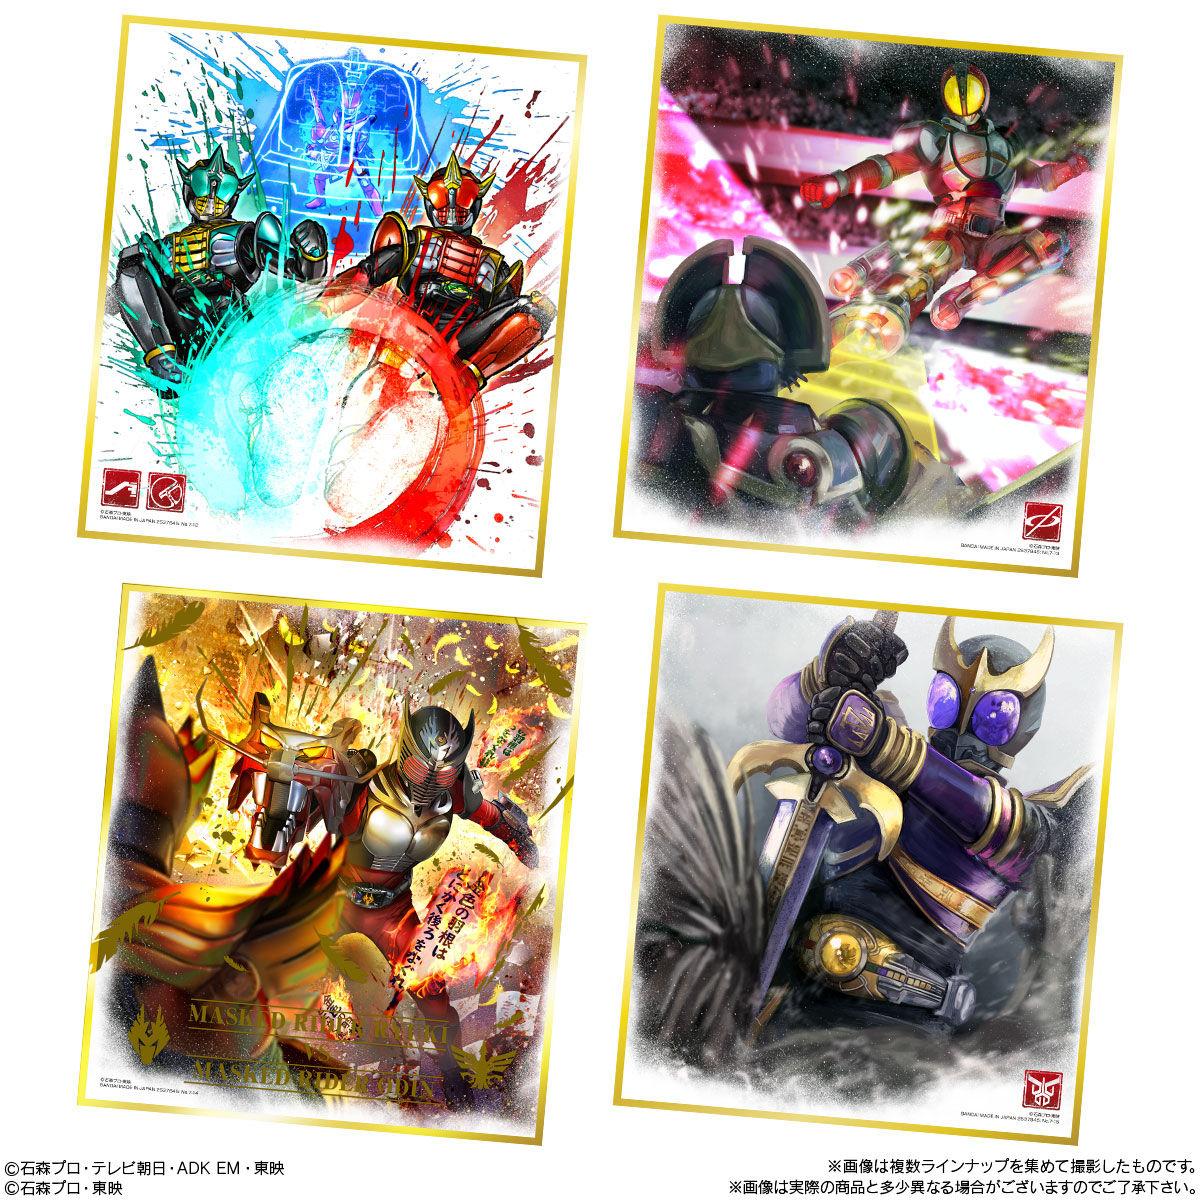 【食玩】『仮面ライダー 色紙ART7』10個入りBOX-006